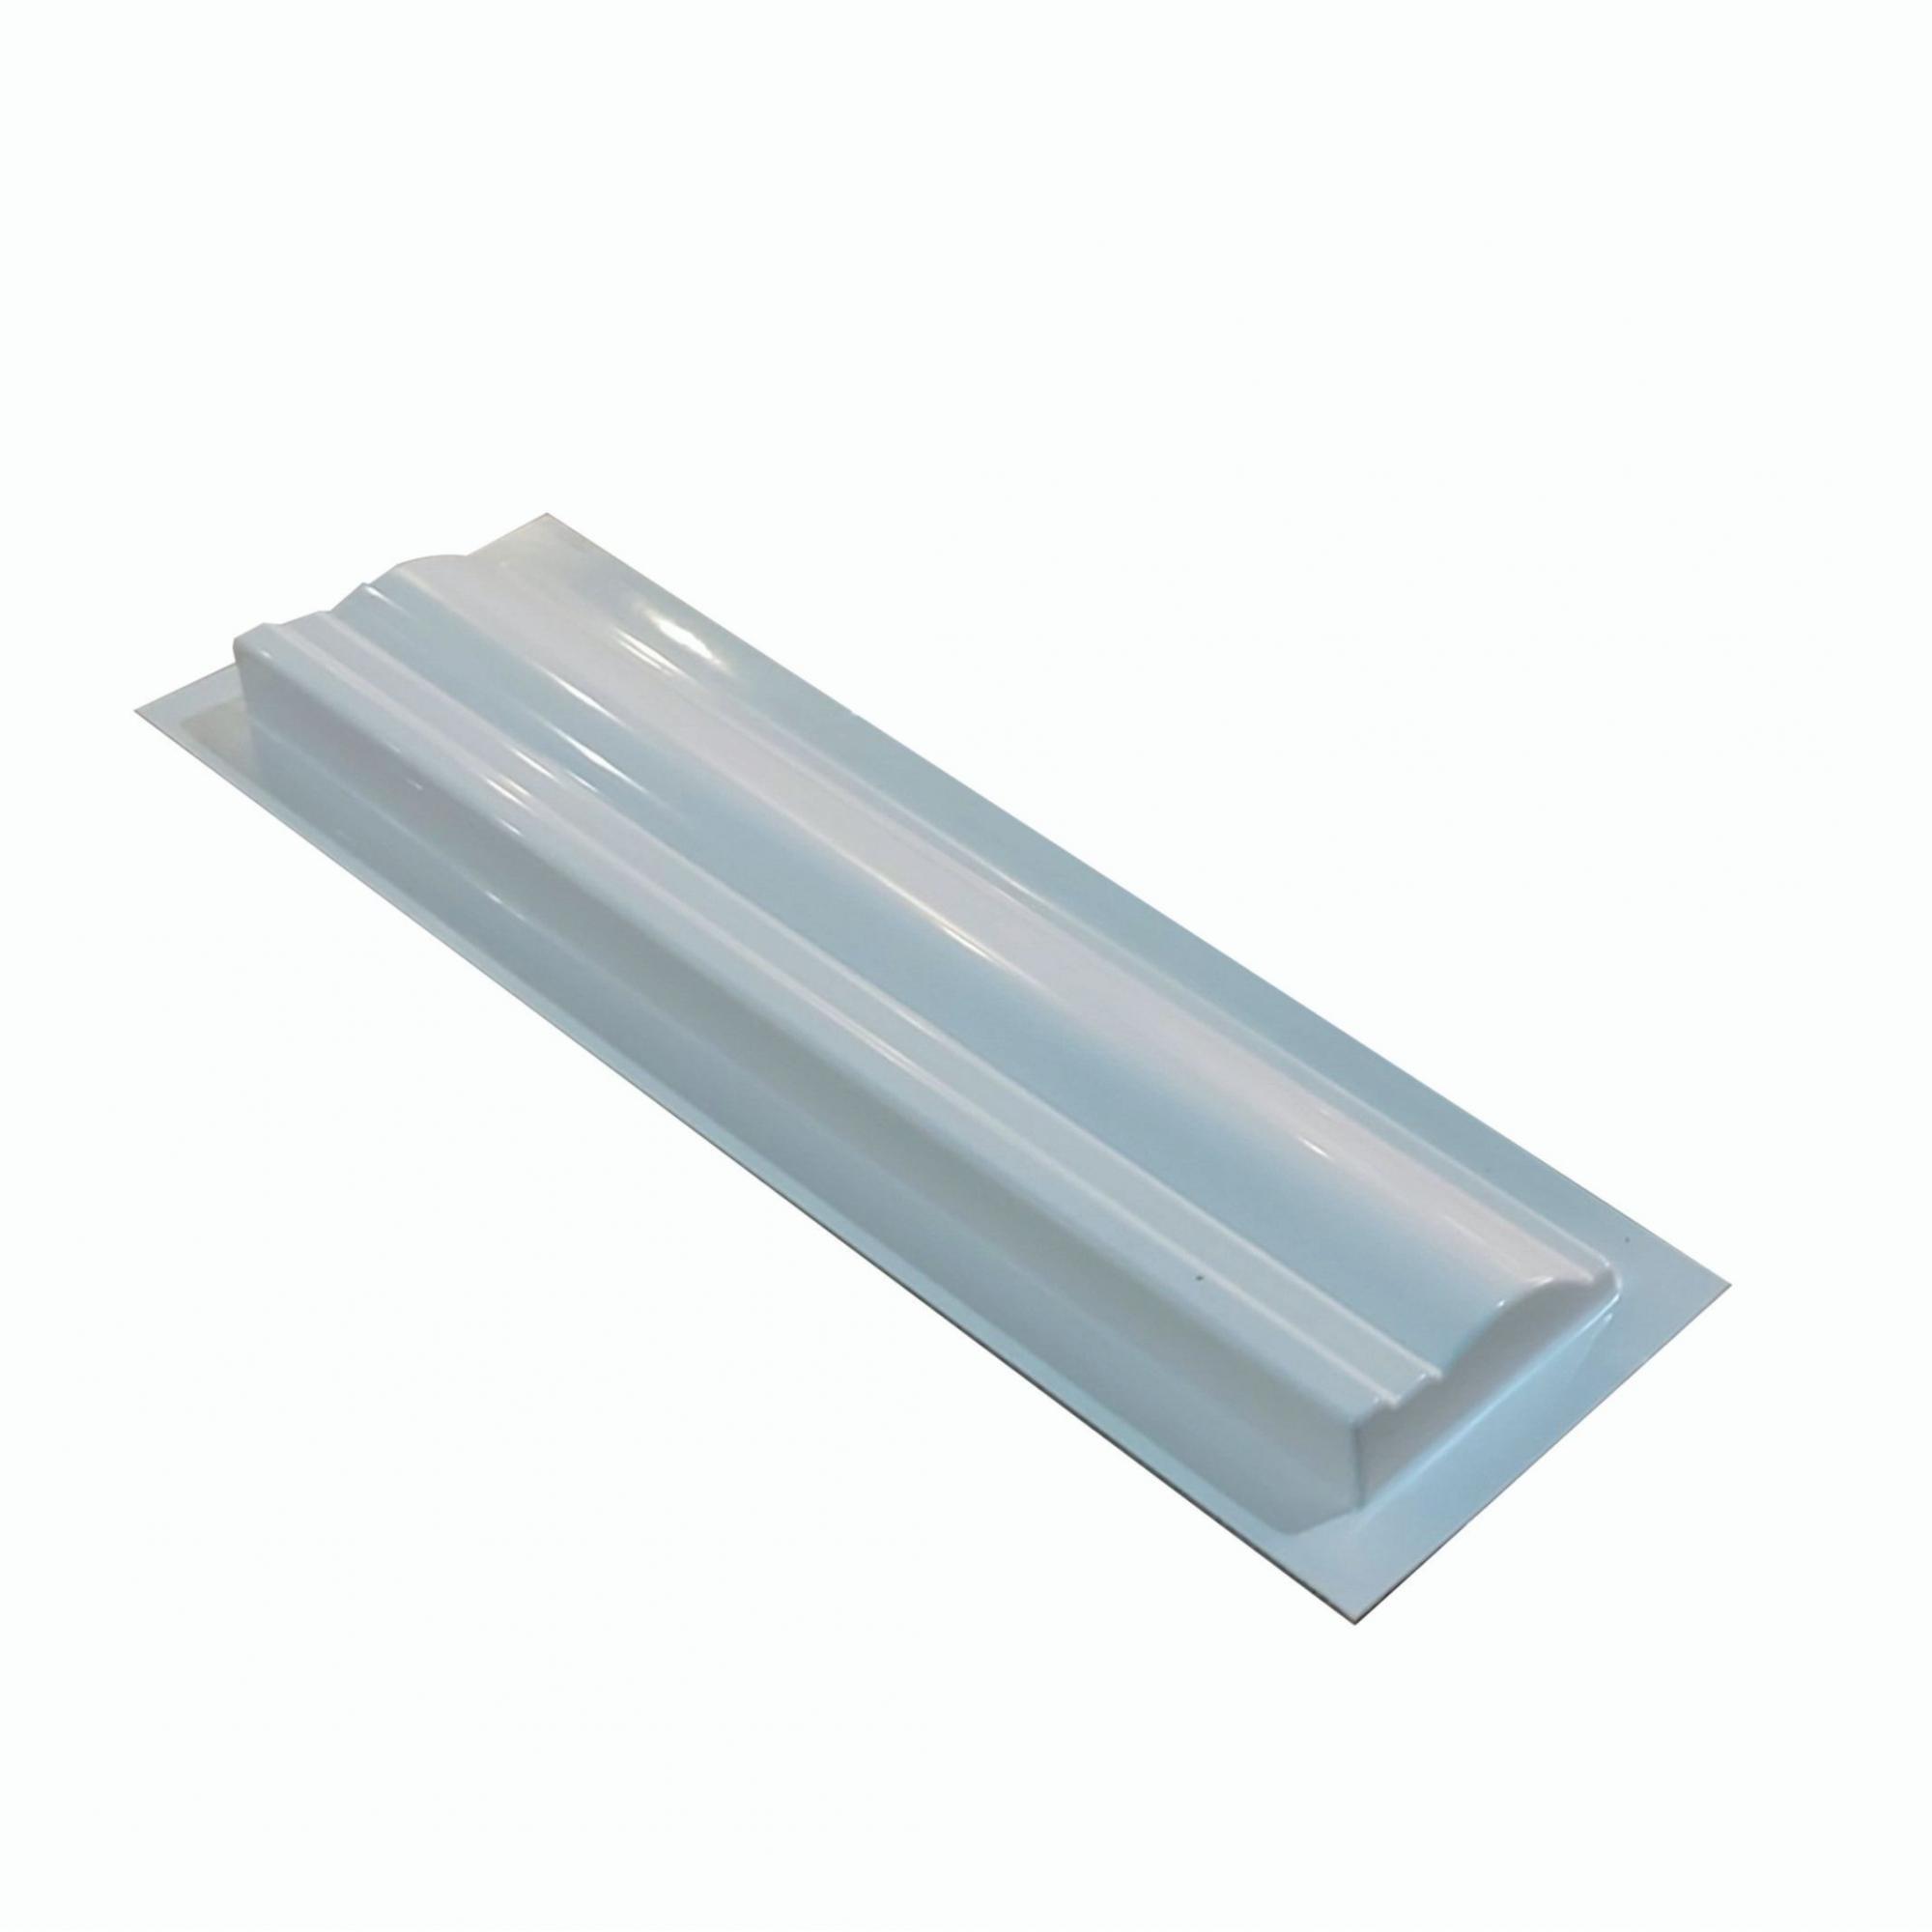 Forma para moldura de rodateto - MO0003- 1MM 10x3